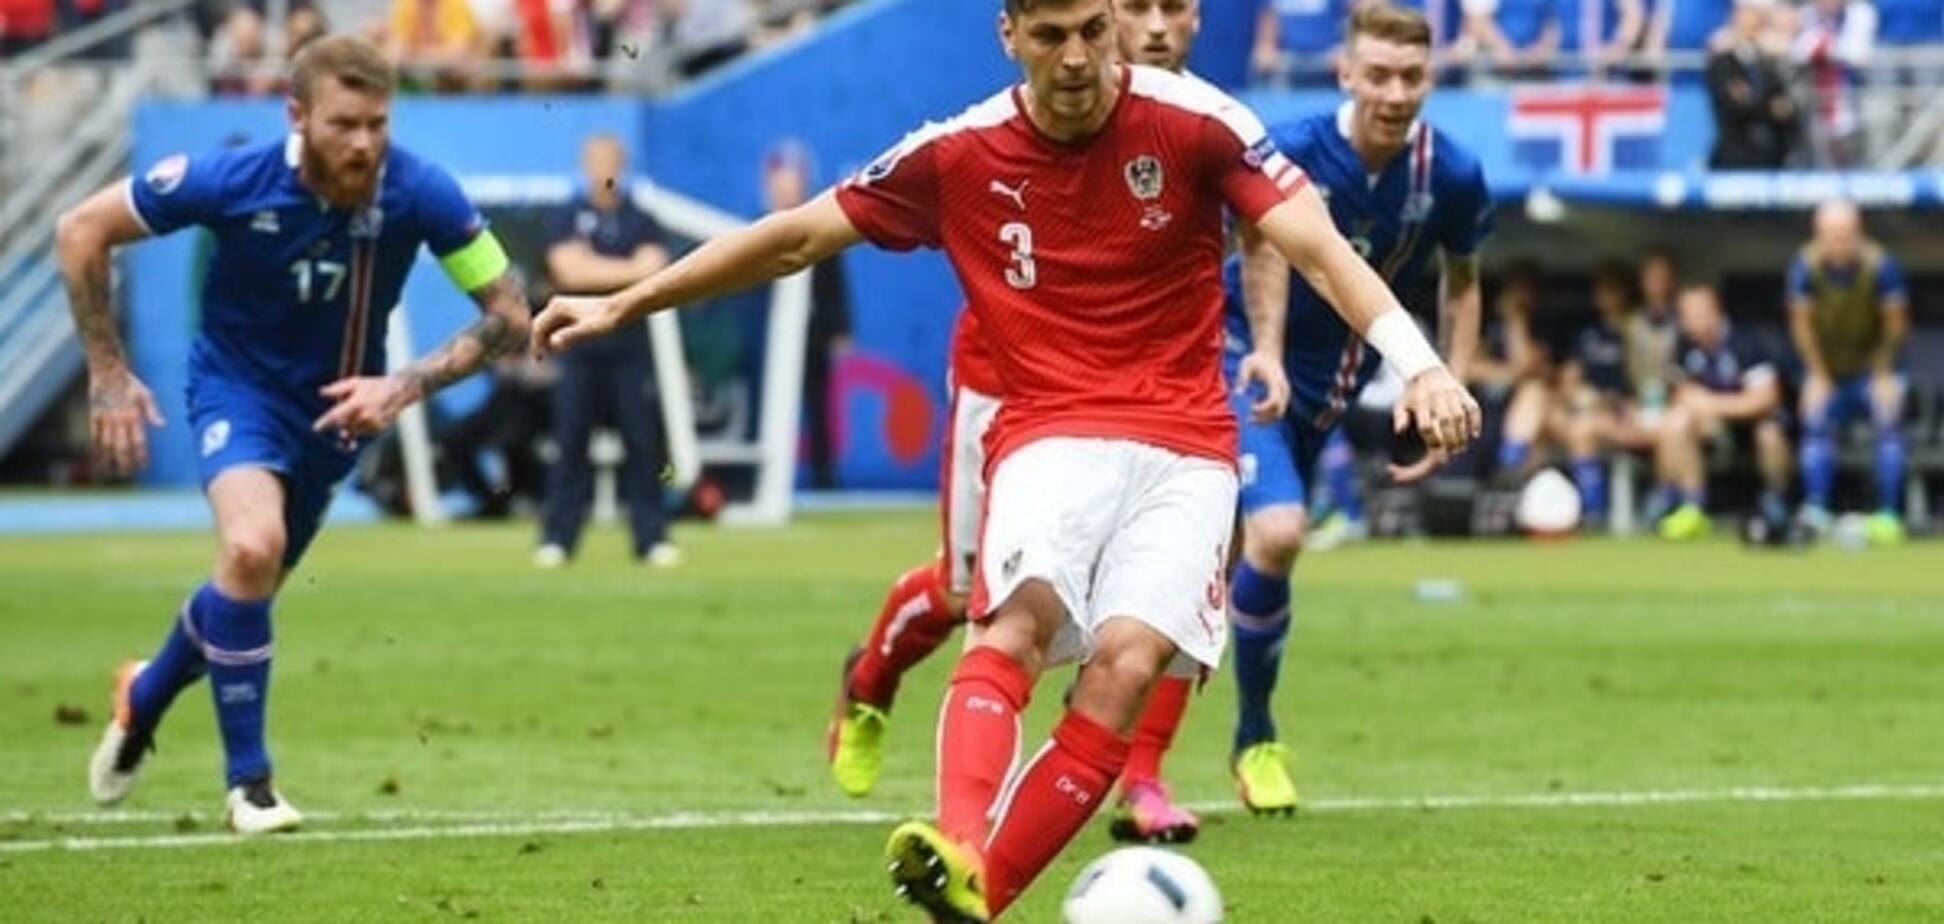 Александар Драгович сборная Австрии Евро-2016